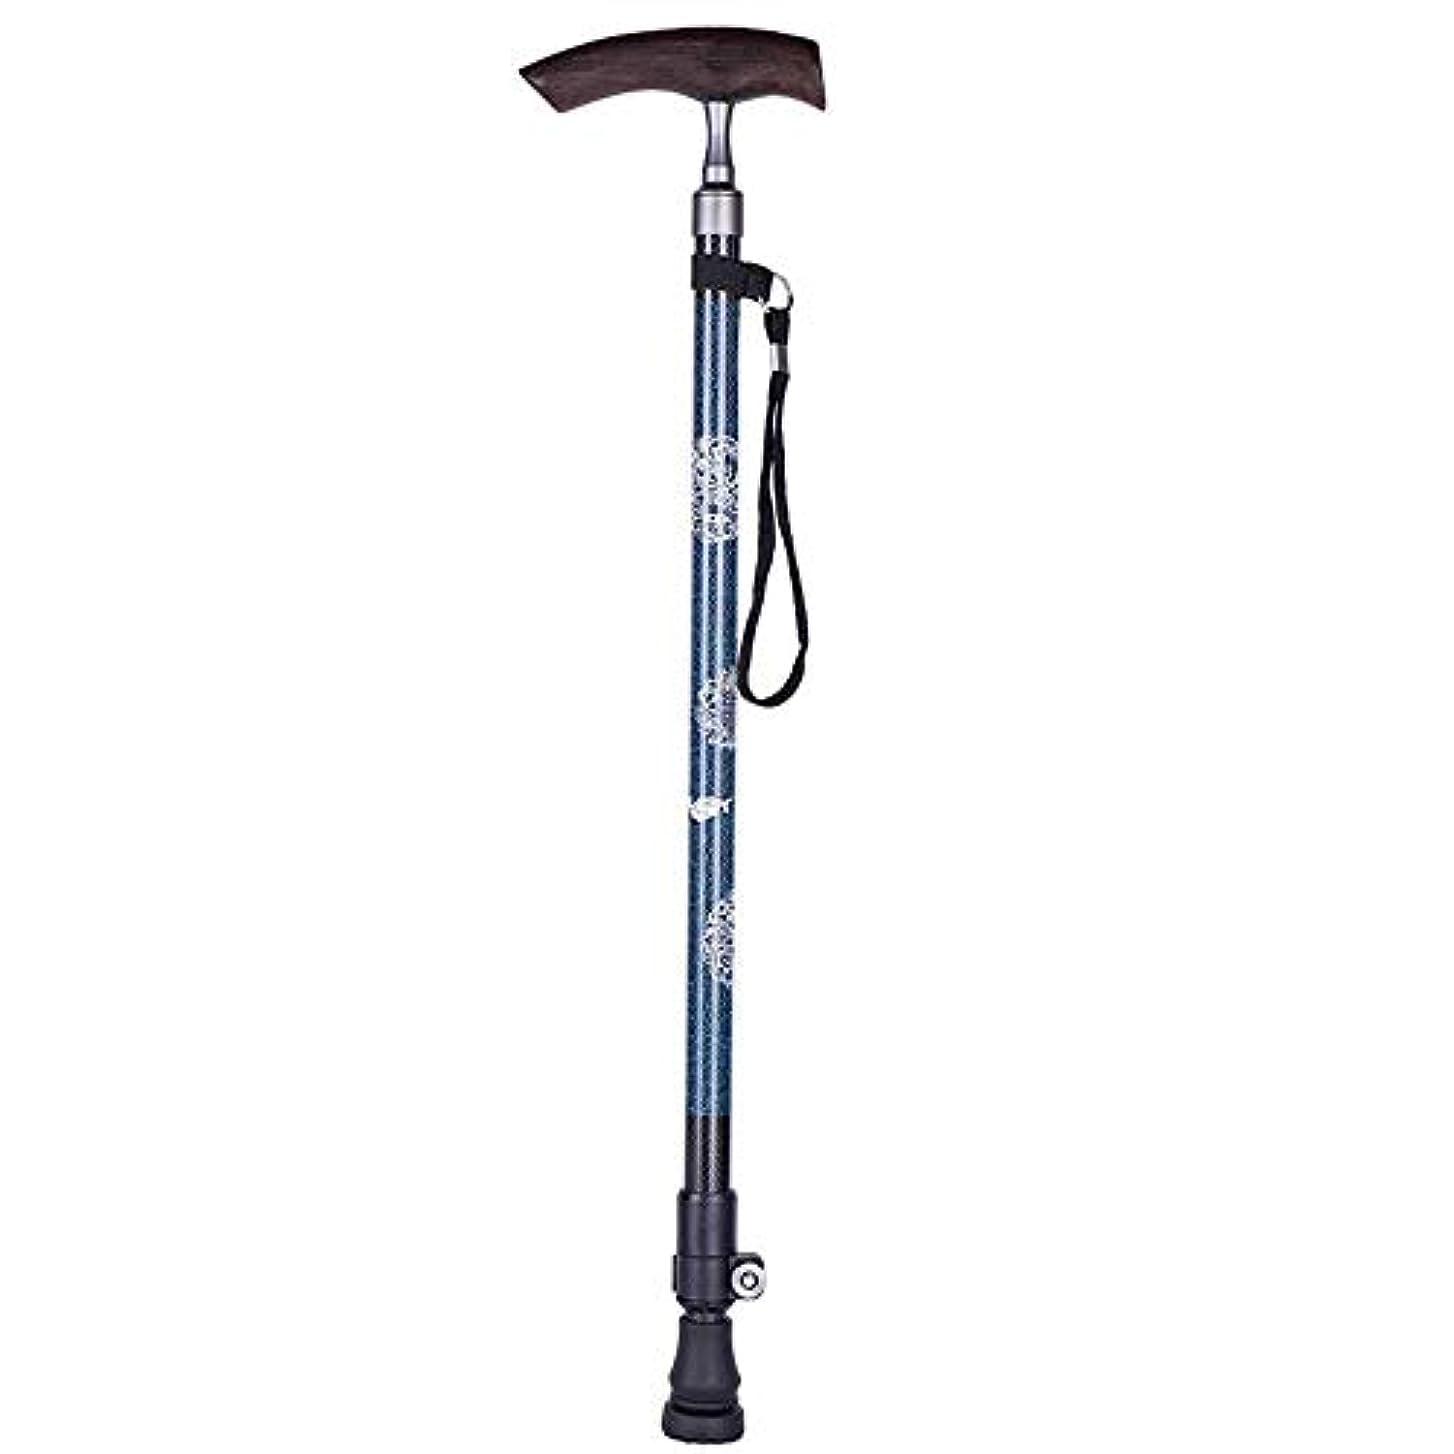 手首体系的に努力プレミアムファッション高齢者調整可能な高さ杖、松葉杖カーボン木製ハンドル伸縮滑り止め耐久性、男性の女性の安全な杖屋外旅行ウォーキングサポート安定性 (Color : 青)